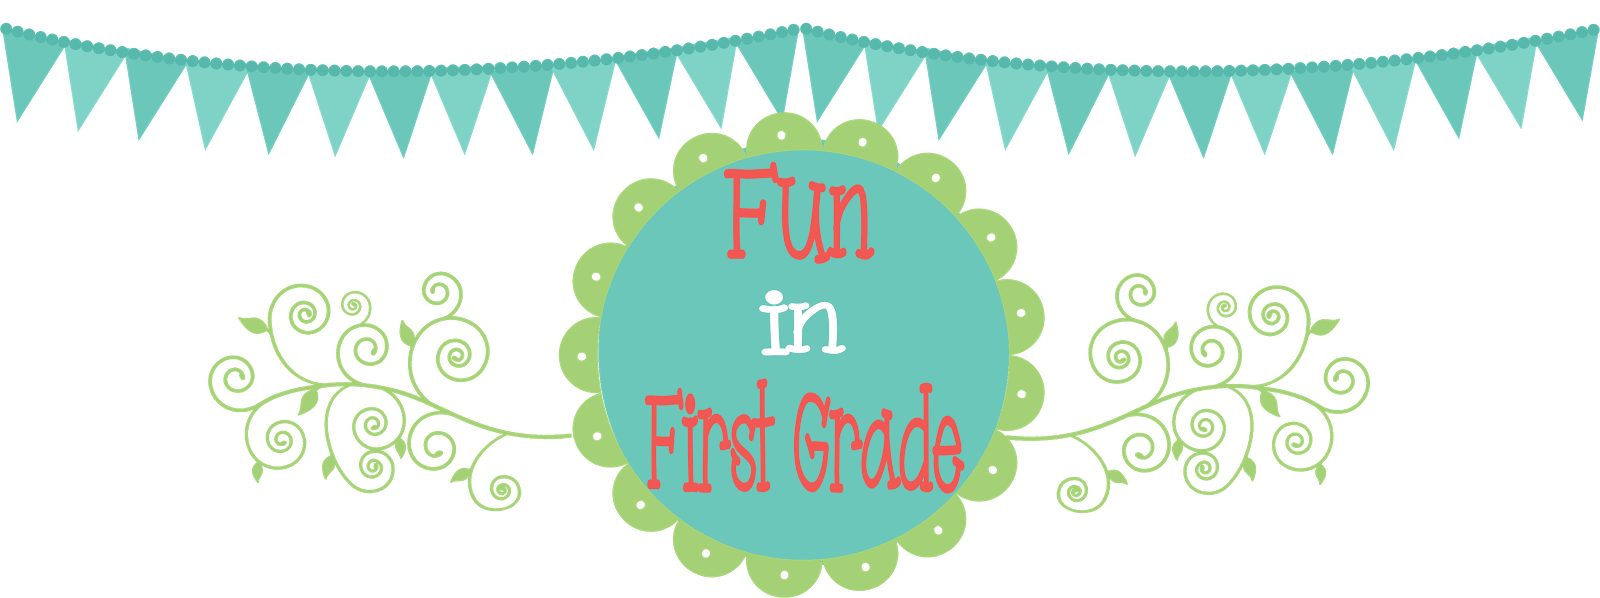 Fun in First Grade!